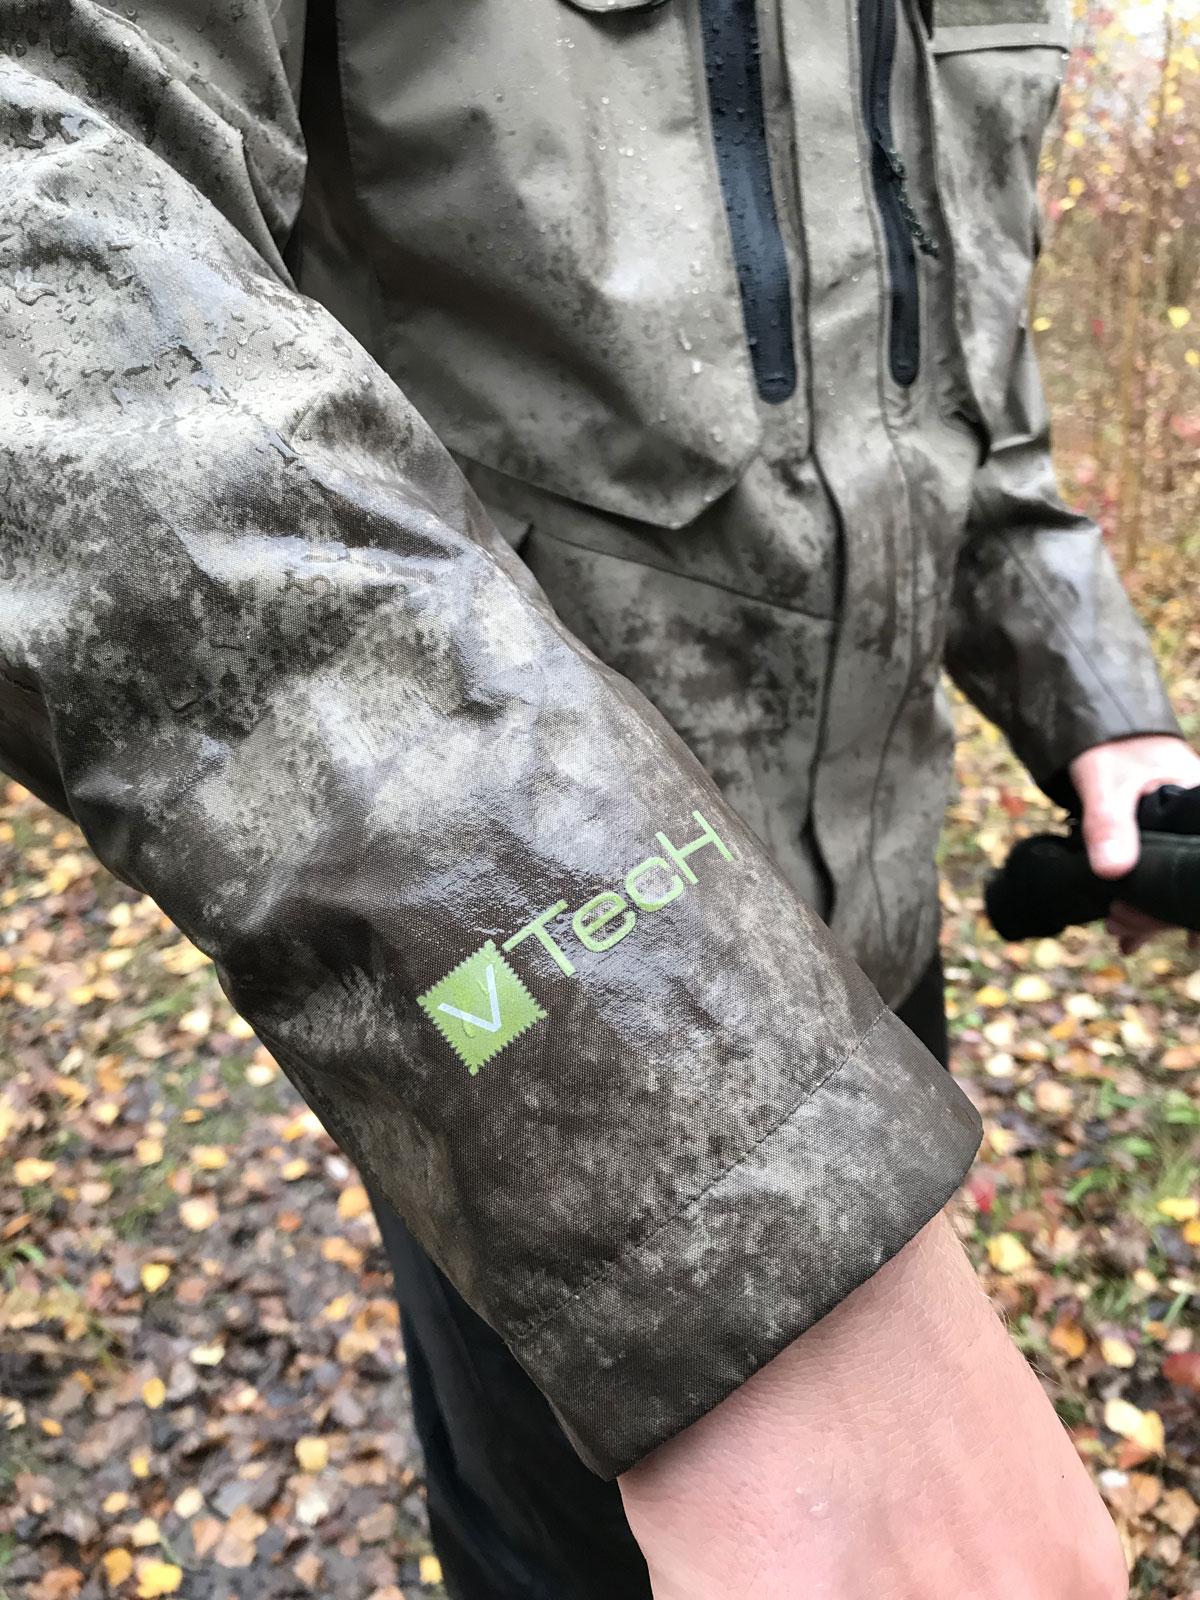 Wasserdichte Cinch Cuffs (Armbündchen) verhindern nahezu das Eindringen von Wasser.